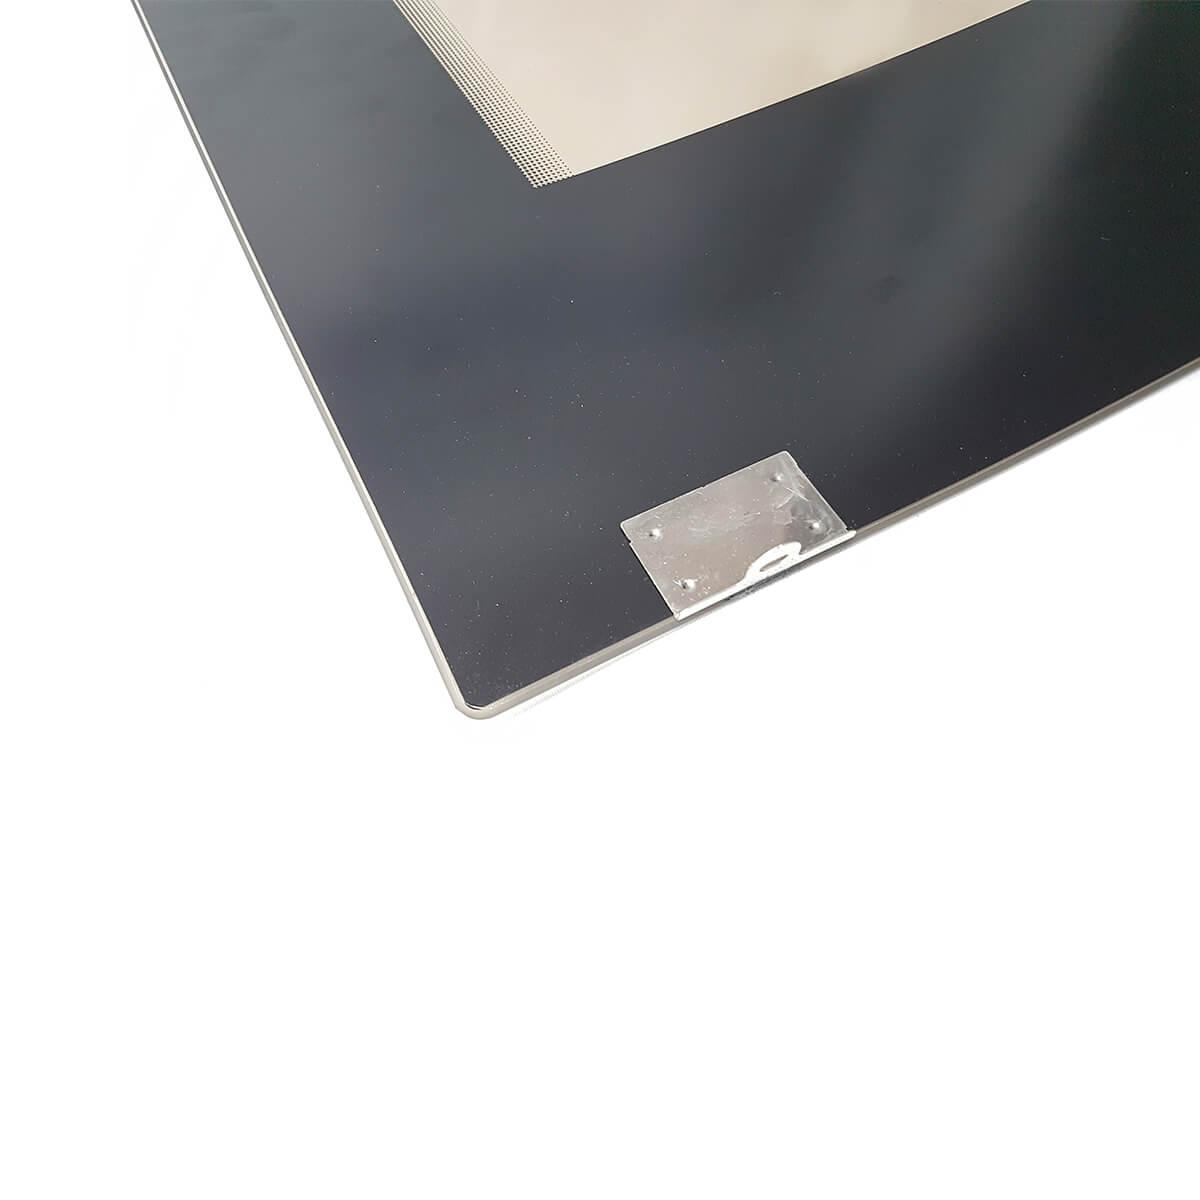 Vidro Externo Porta Do Forno 56 Fogão 4 Bocas Electrolux - 70203978